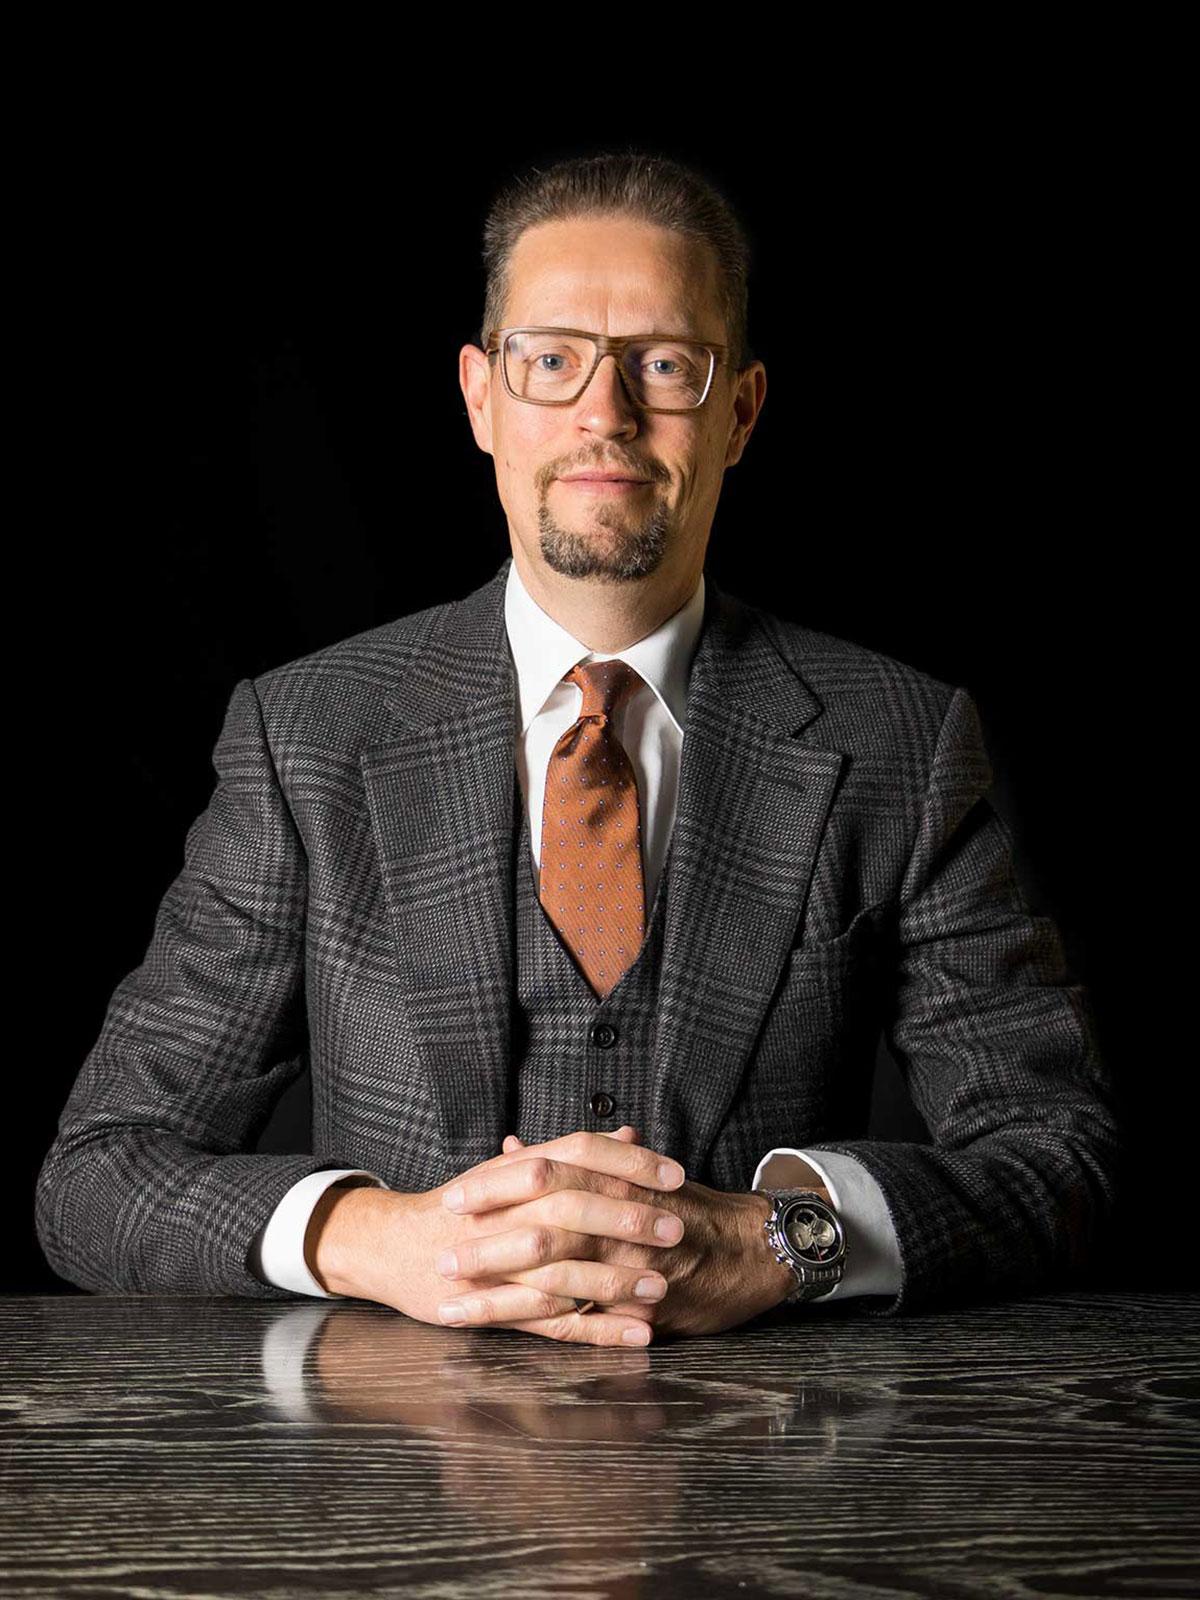 Kai Hebel, service extérieur des ventes et partenaire, avd goldach sa